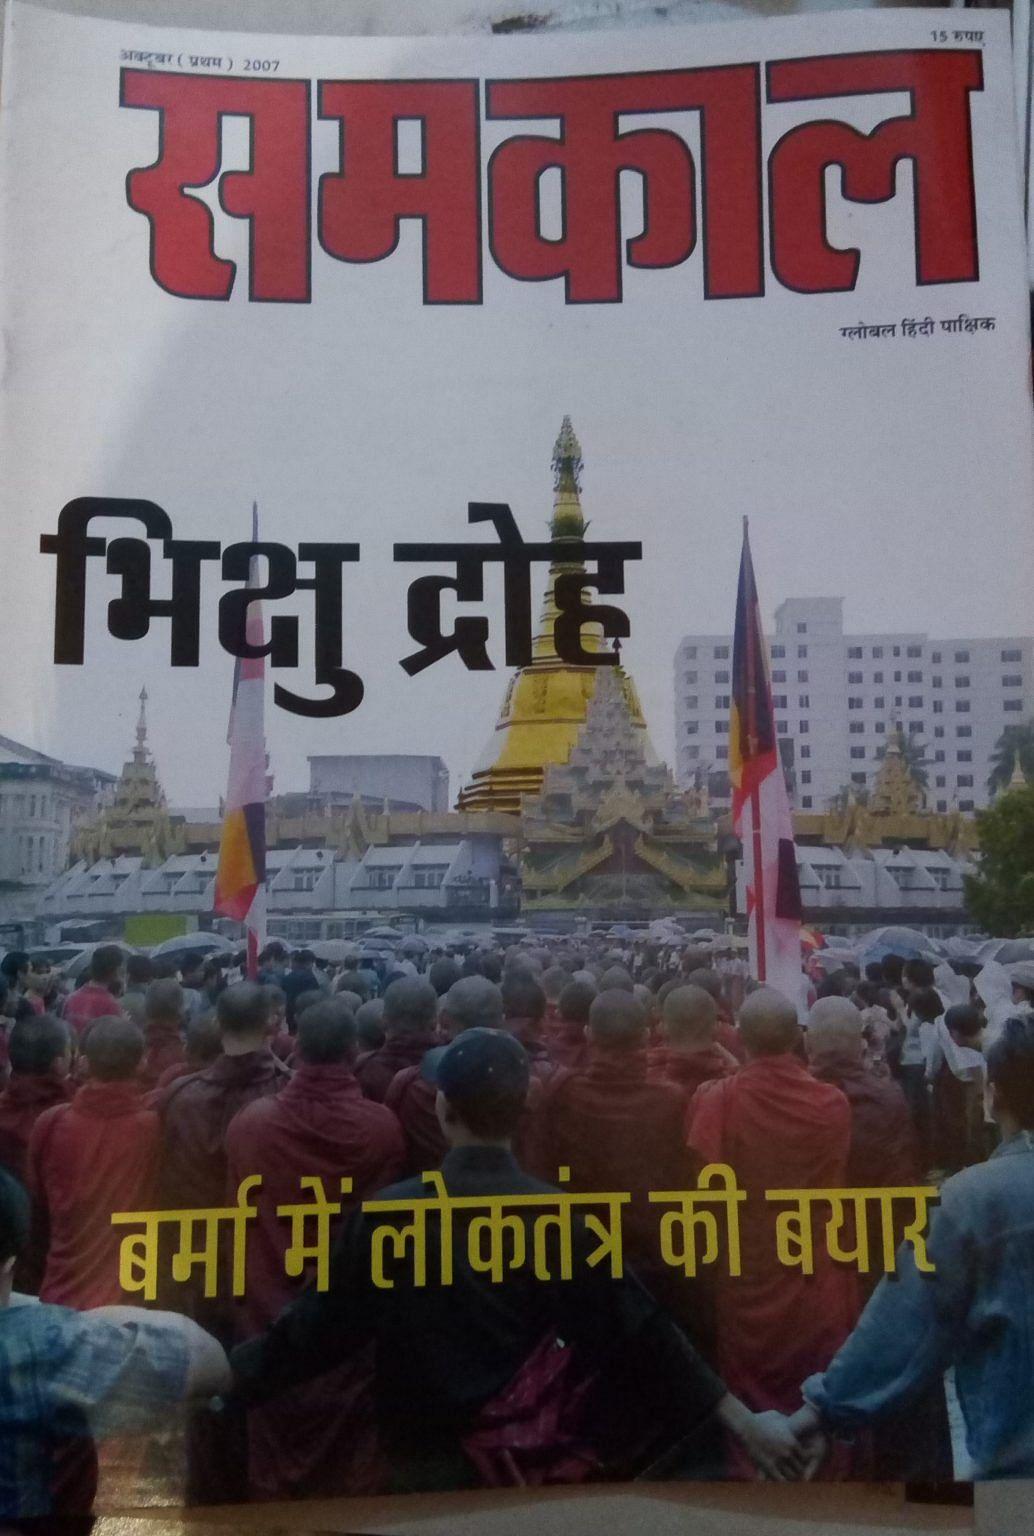 बर्मा में लोकतंत्र के उभार पर समकाल का अंक, 2007